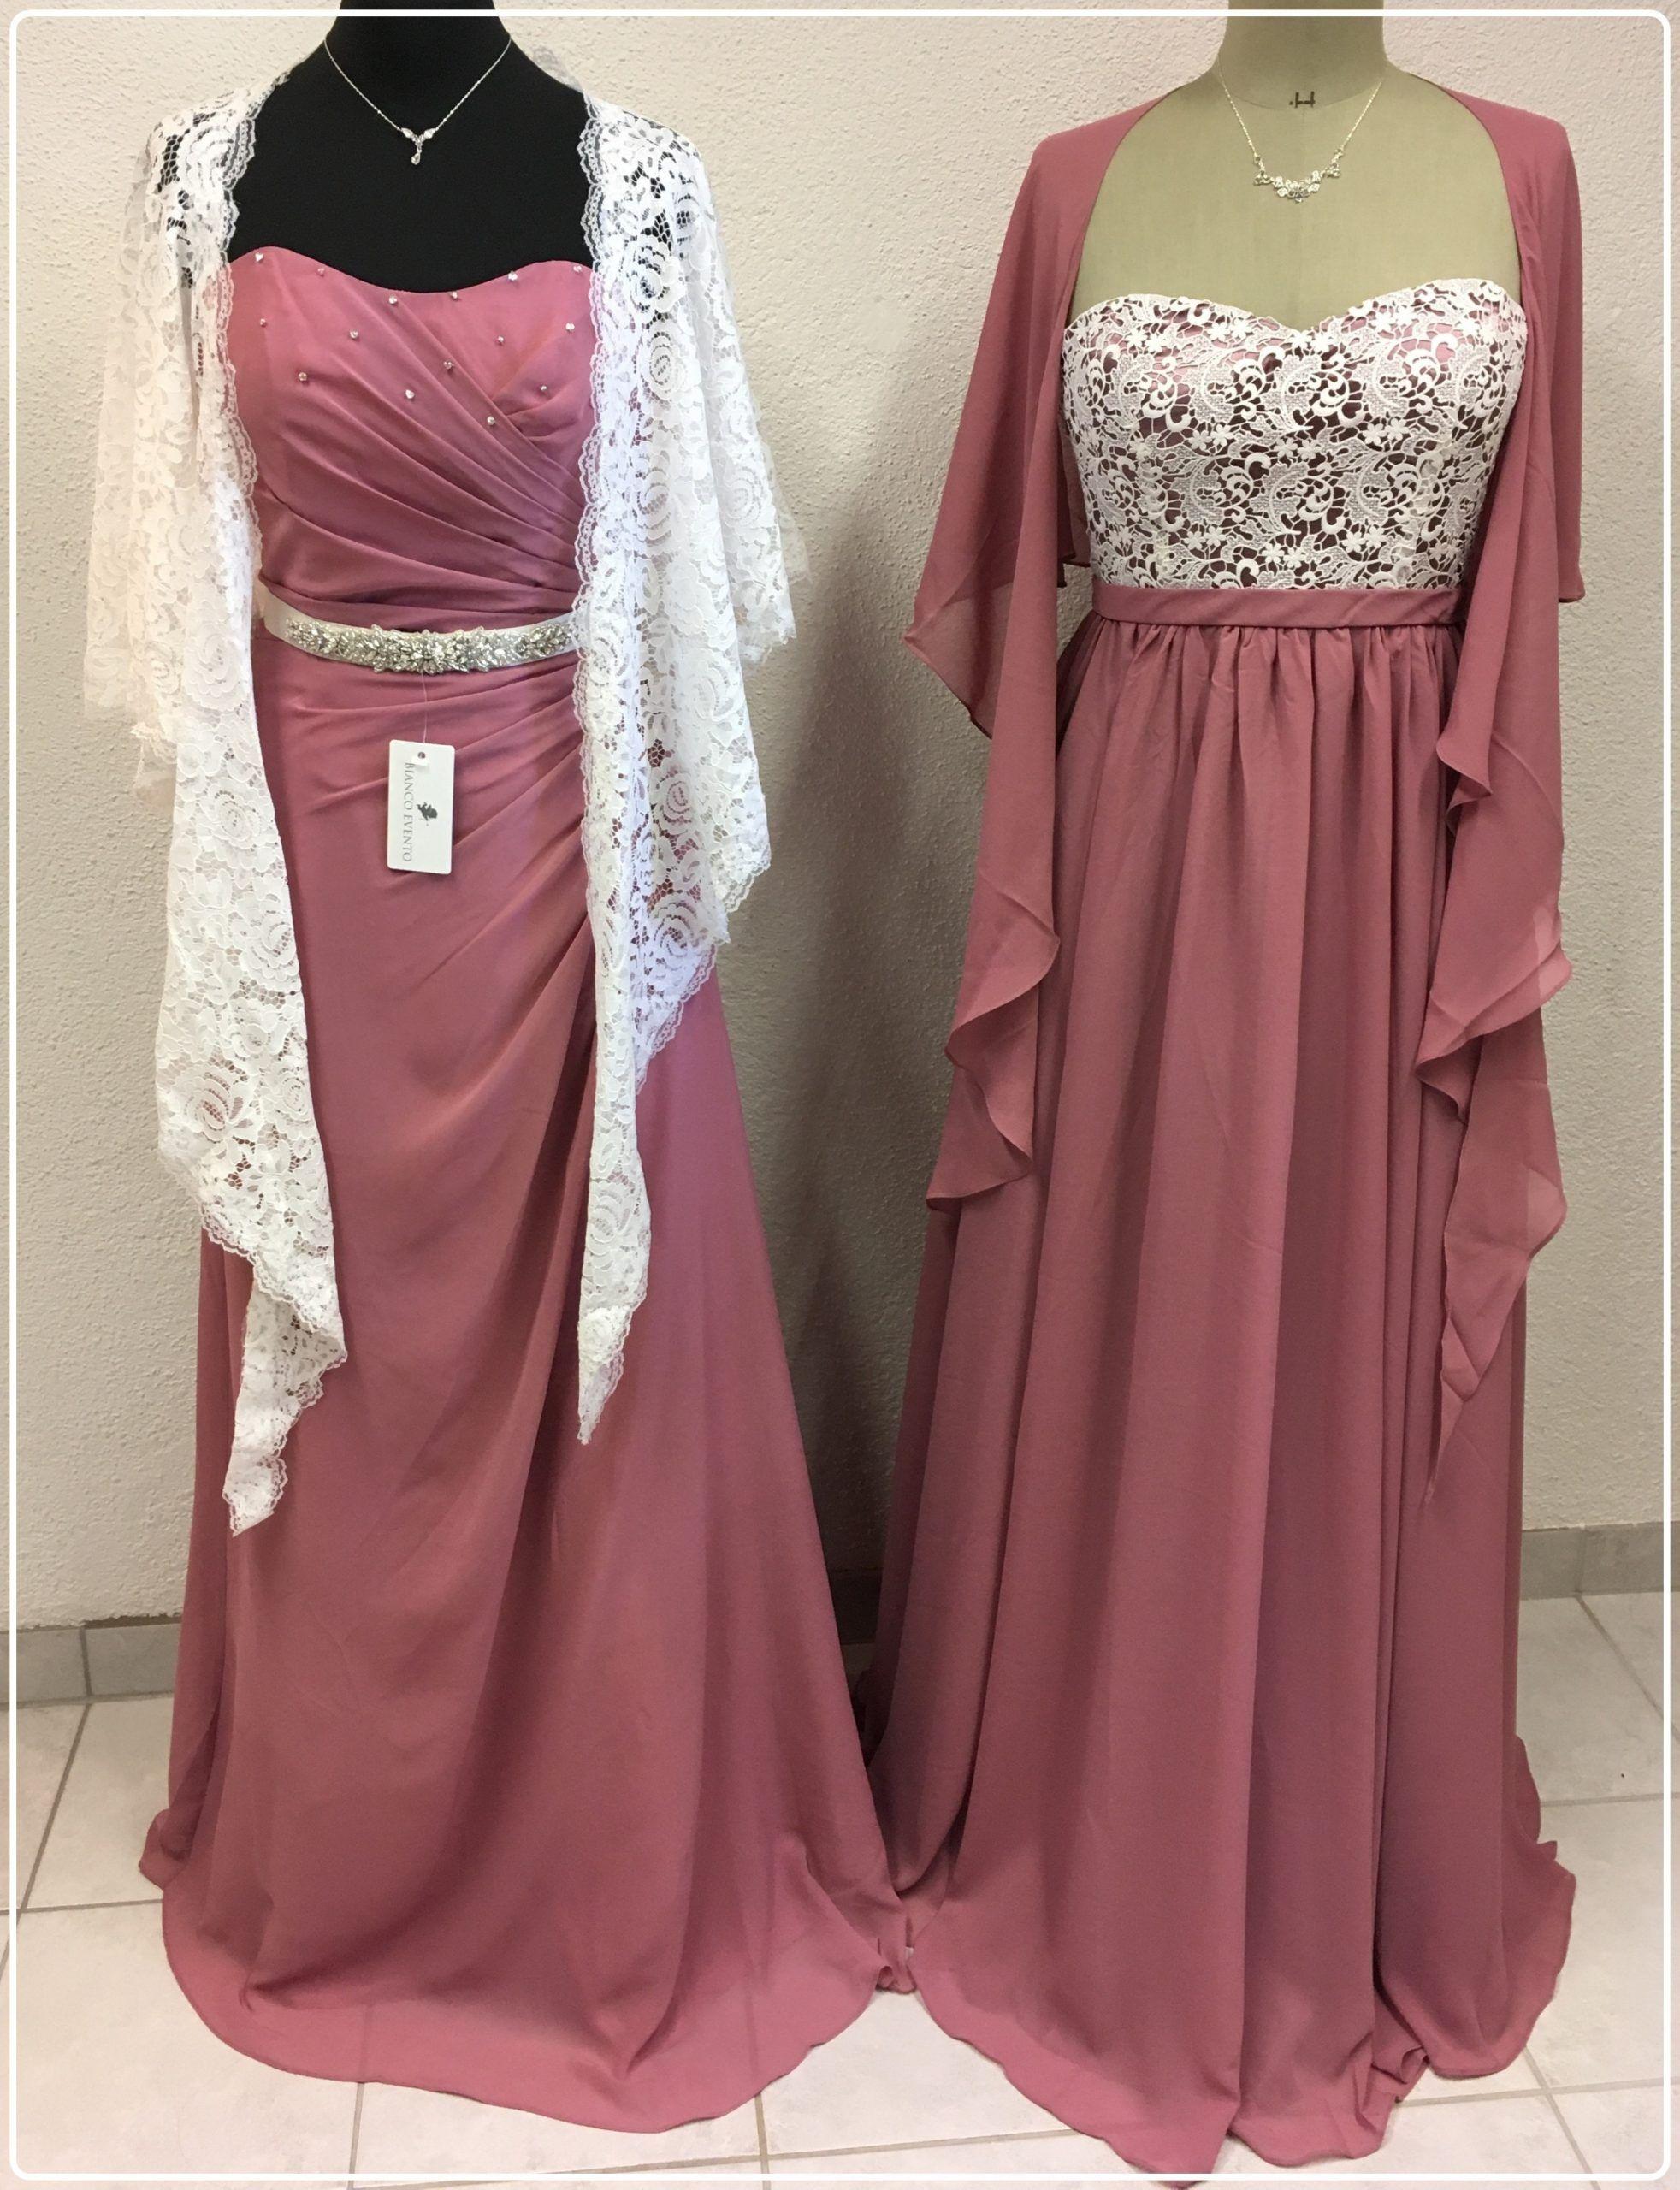 12 Abendkleider Preiswert in 12  Abendkleid, Kleider, Kleid